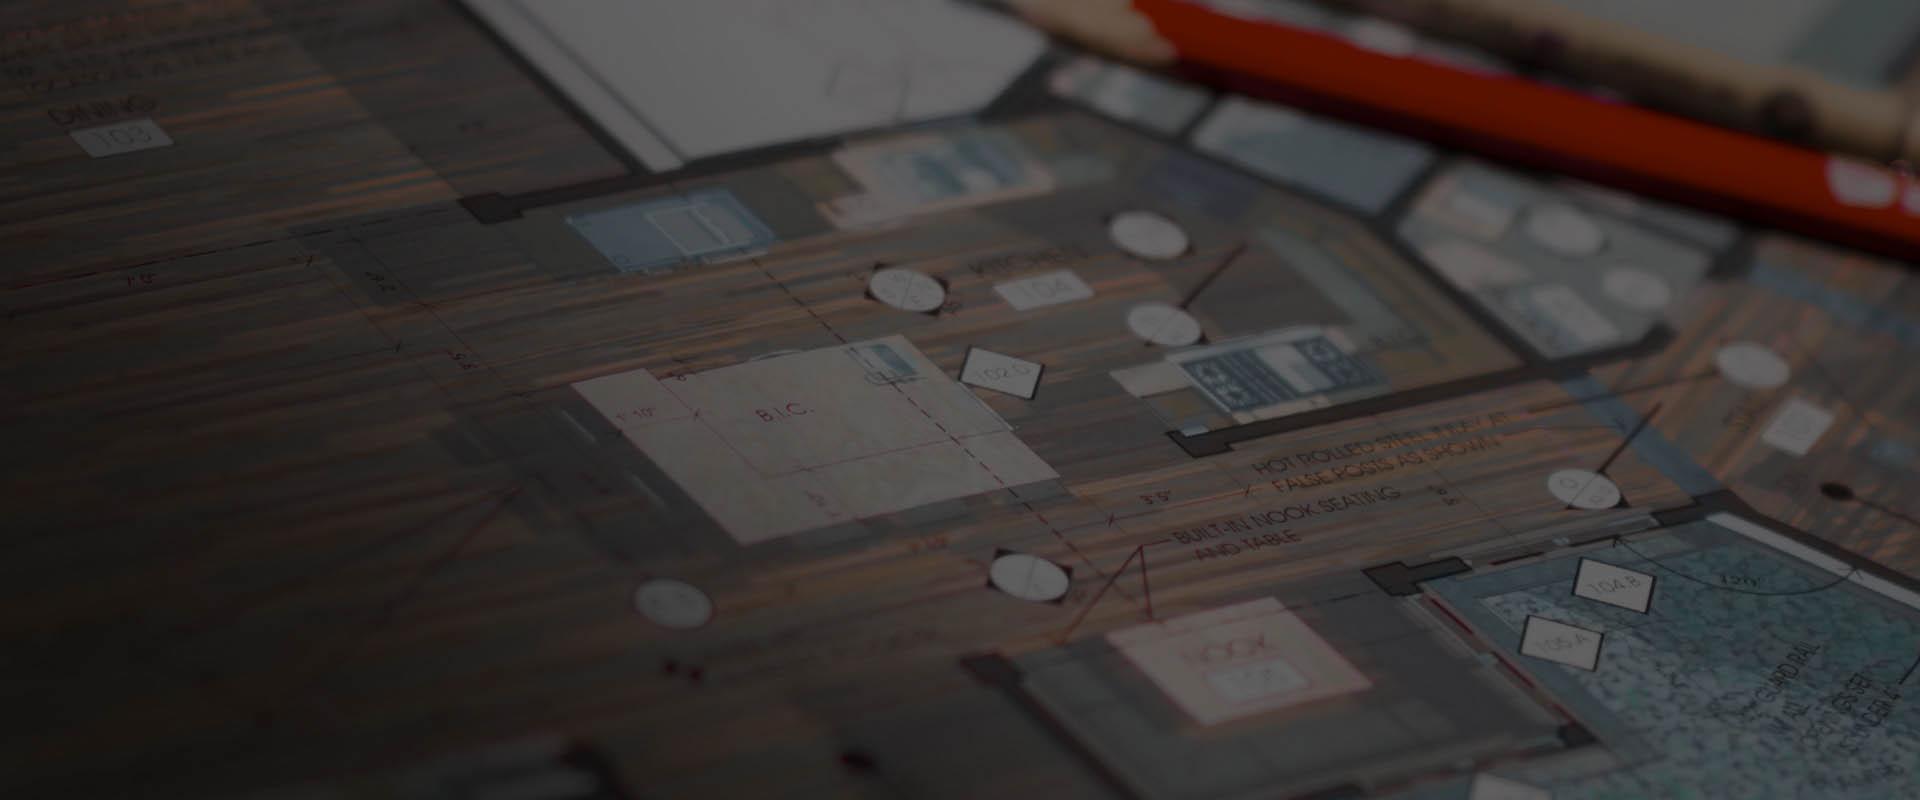 Hướng dẫn tải và cài đặt SketchUp 2015, 2016, 2017